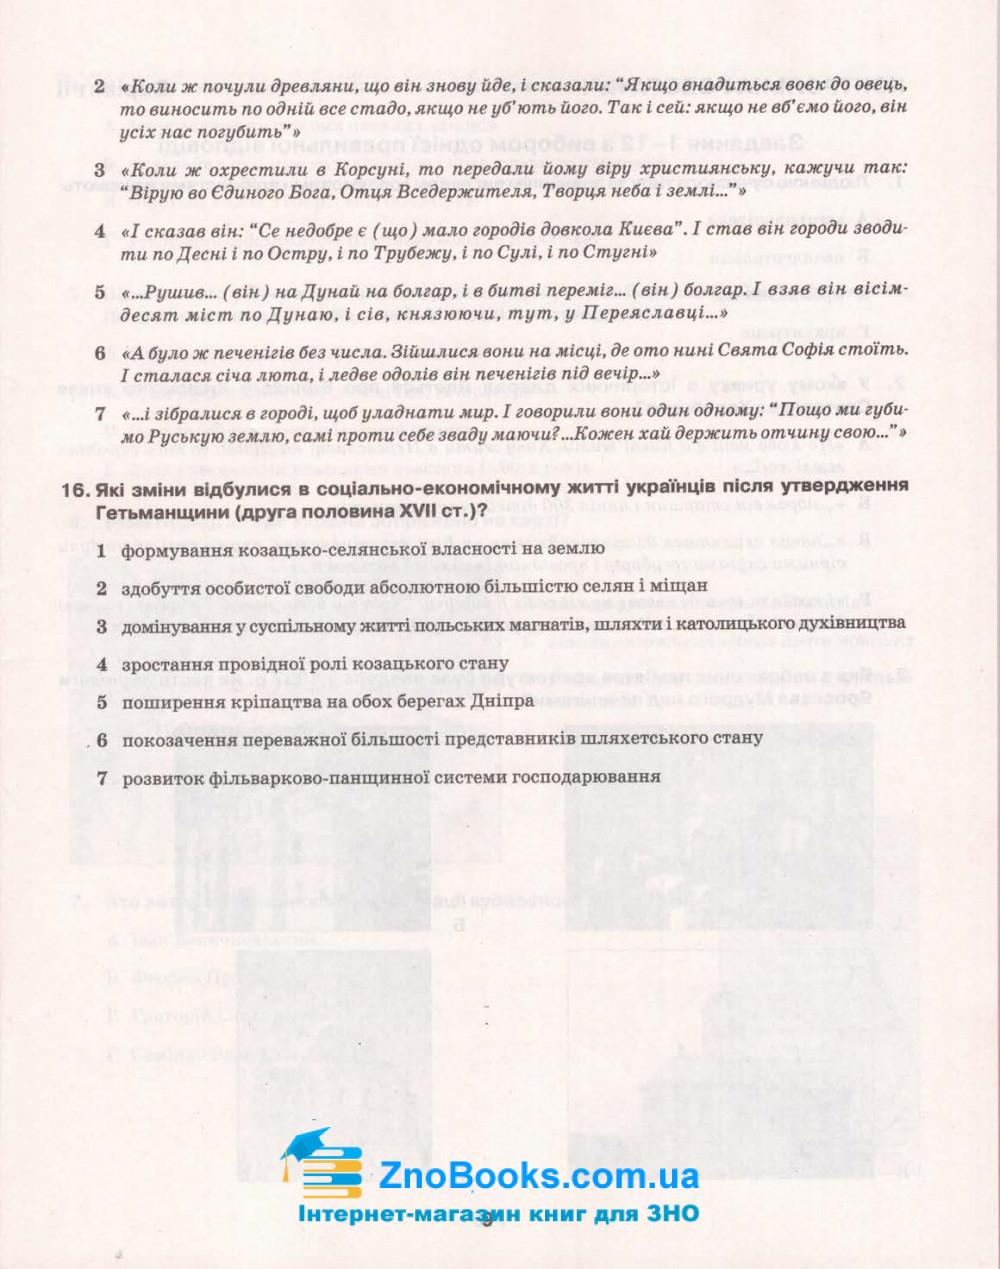 Гук О. ДПА 2021 Історія України 9 клас. Збірник завдань. Освіта купити 7